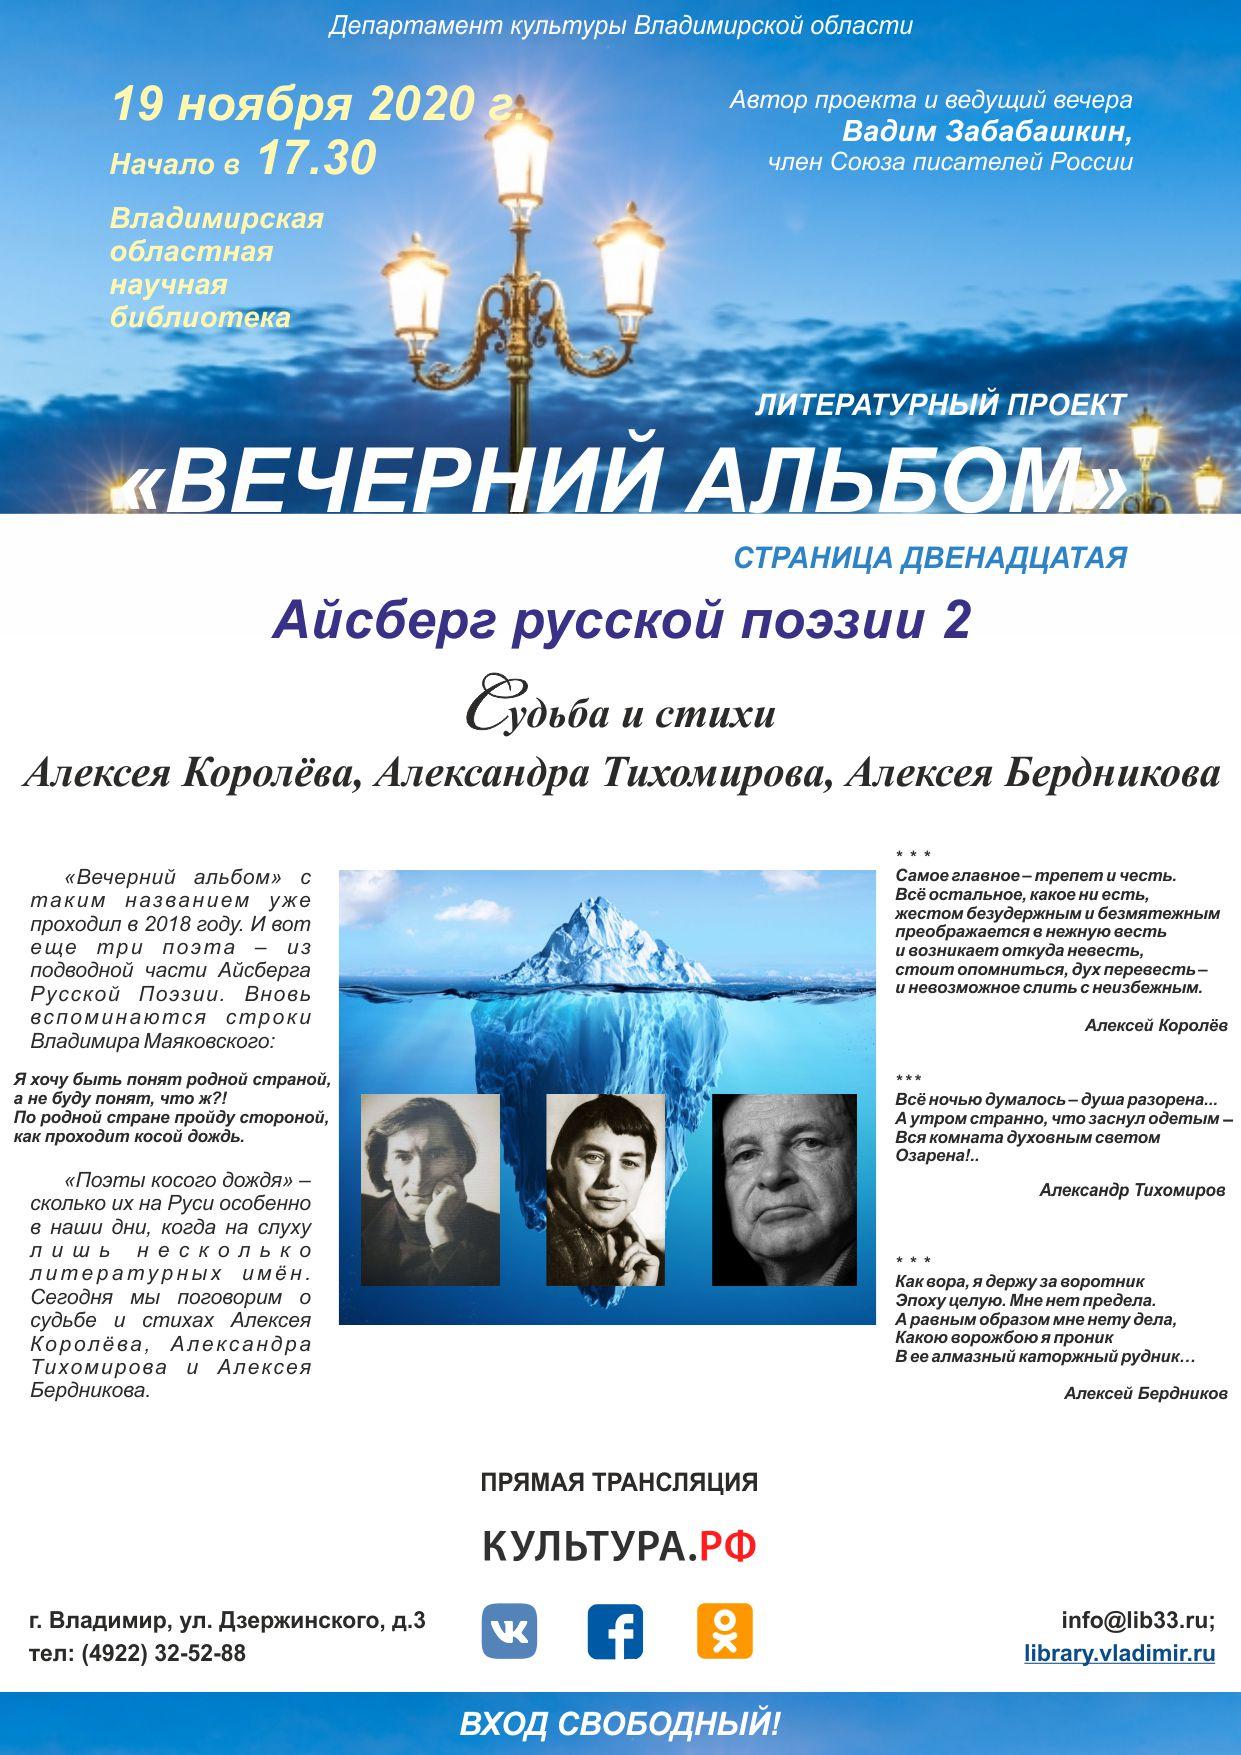 Афиша Айсберг Русской поэзии два